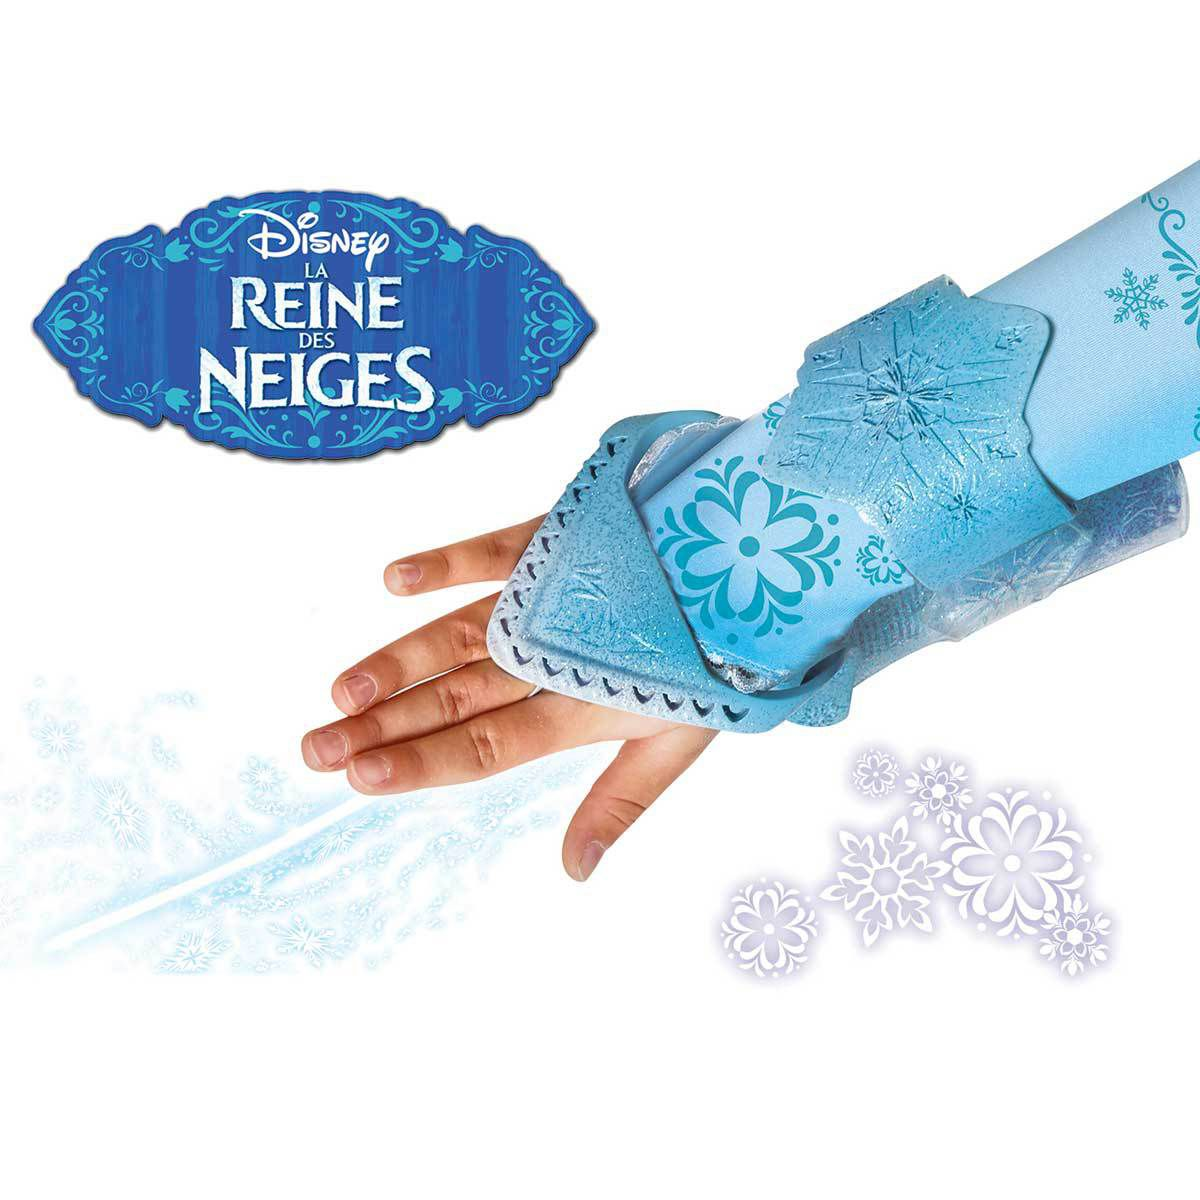 la reine des neiges gant magique elsa lance neige achat. Black Bedroom Furniture Sets. Home Design Ideas